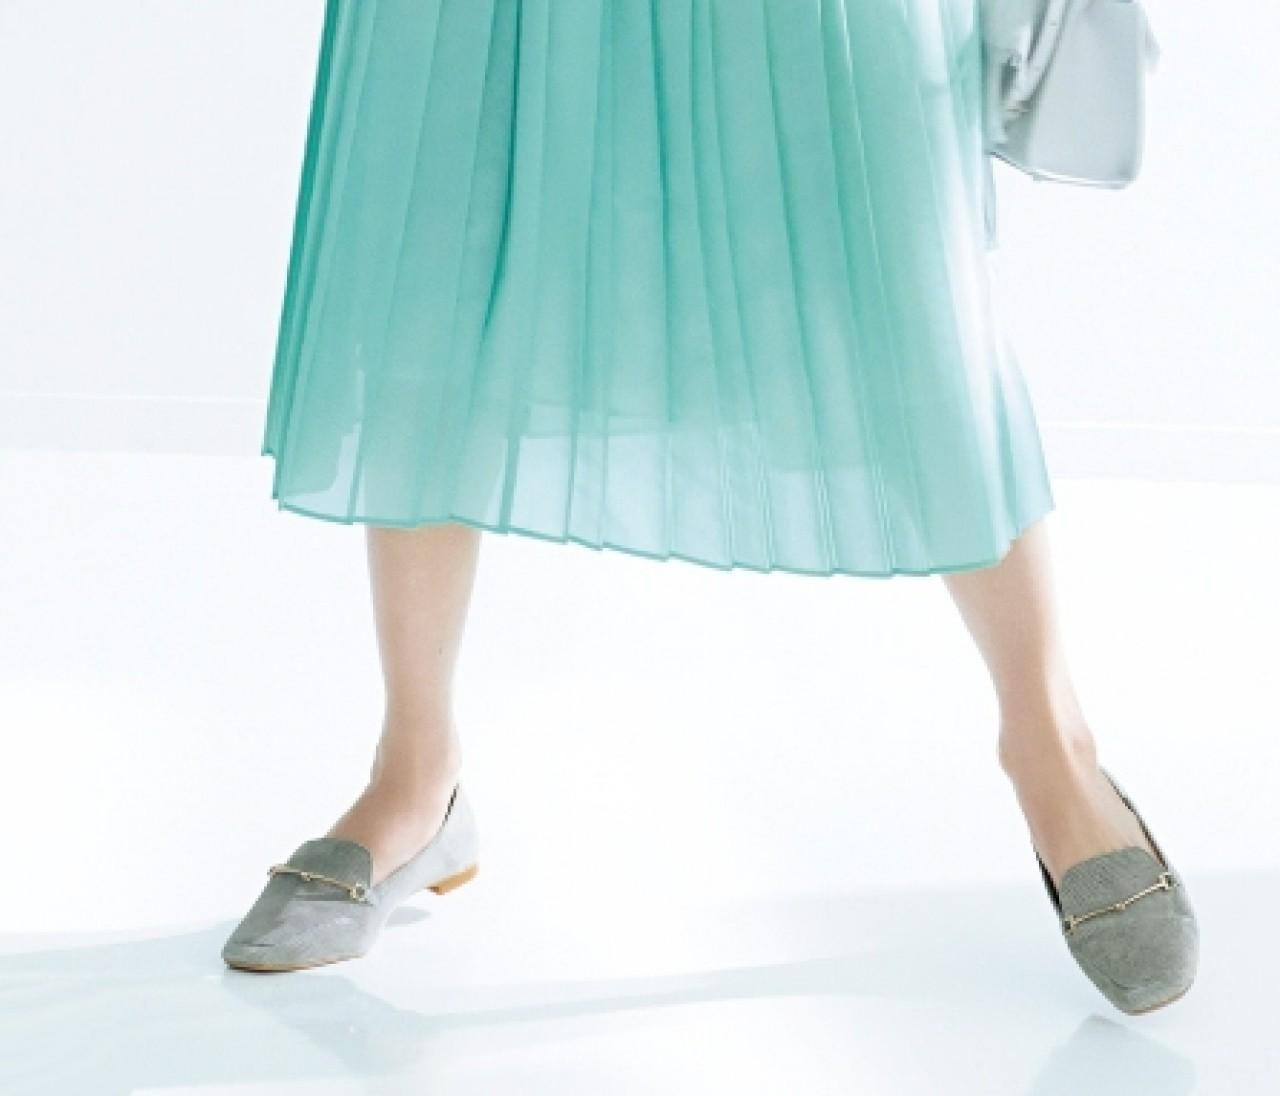 【働く女子の春フラット靴】メタルパーツつき「ローファー」で辛口なアクセントを